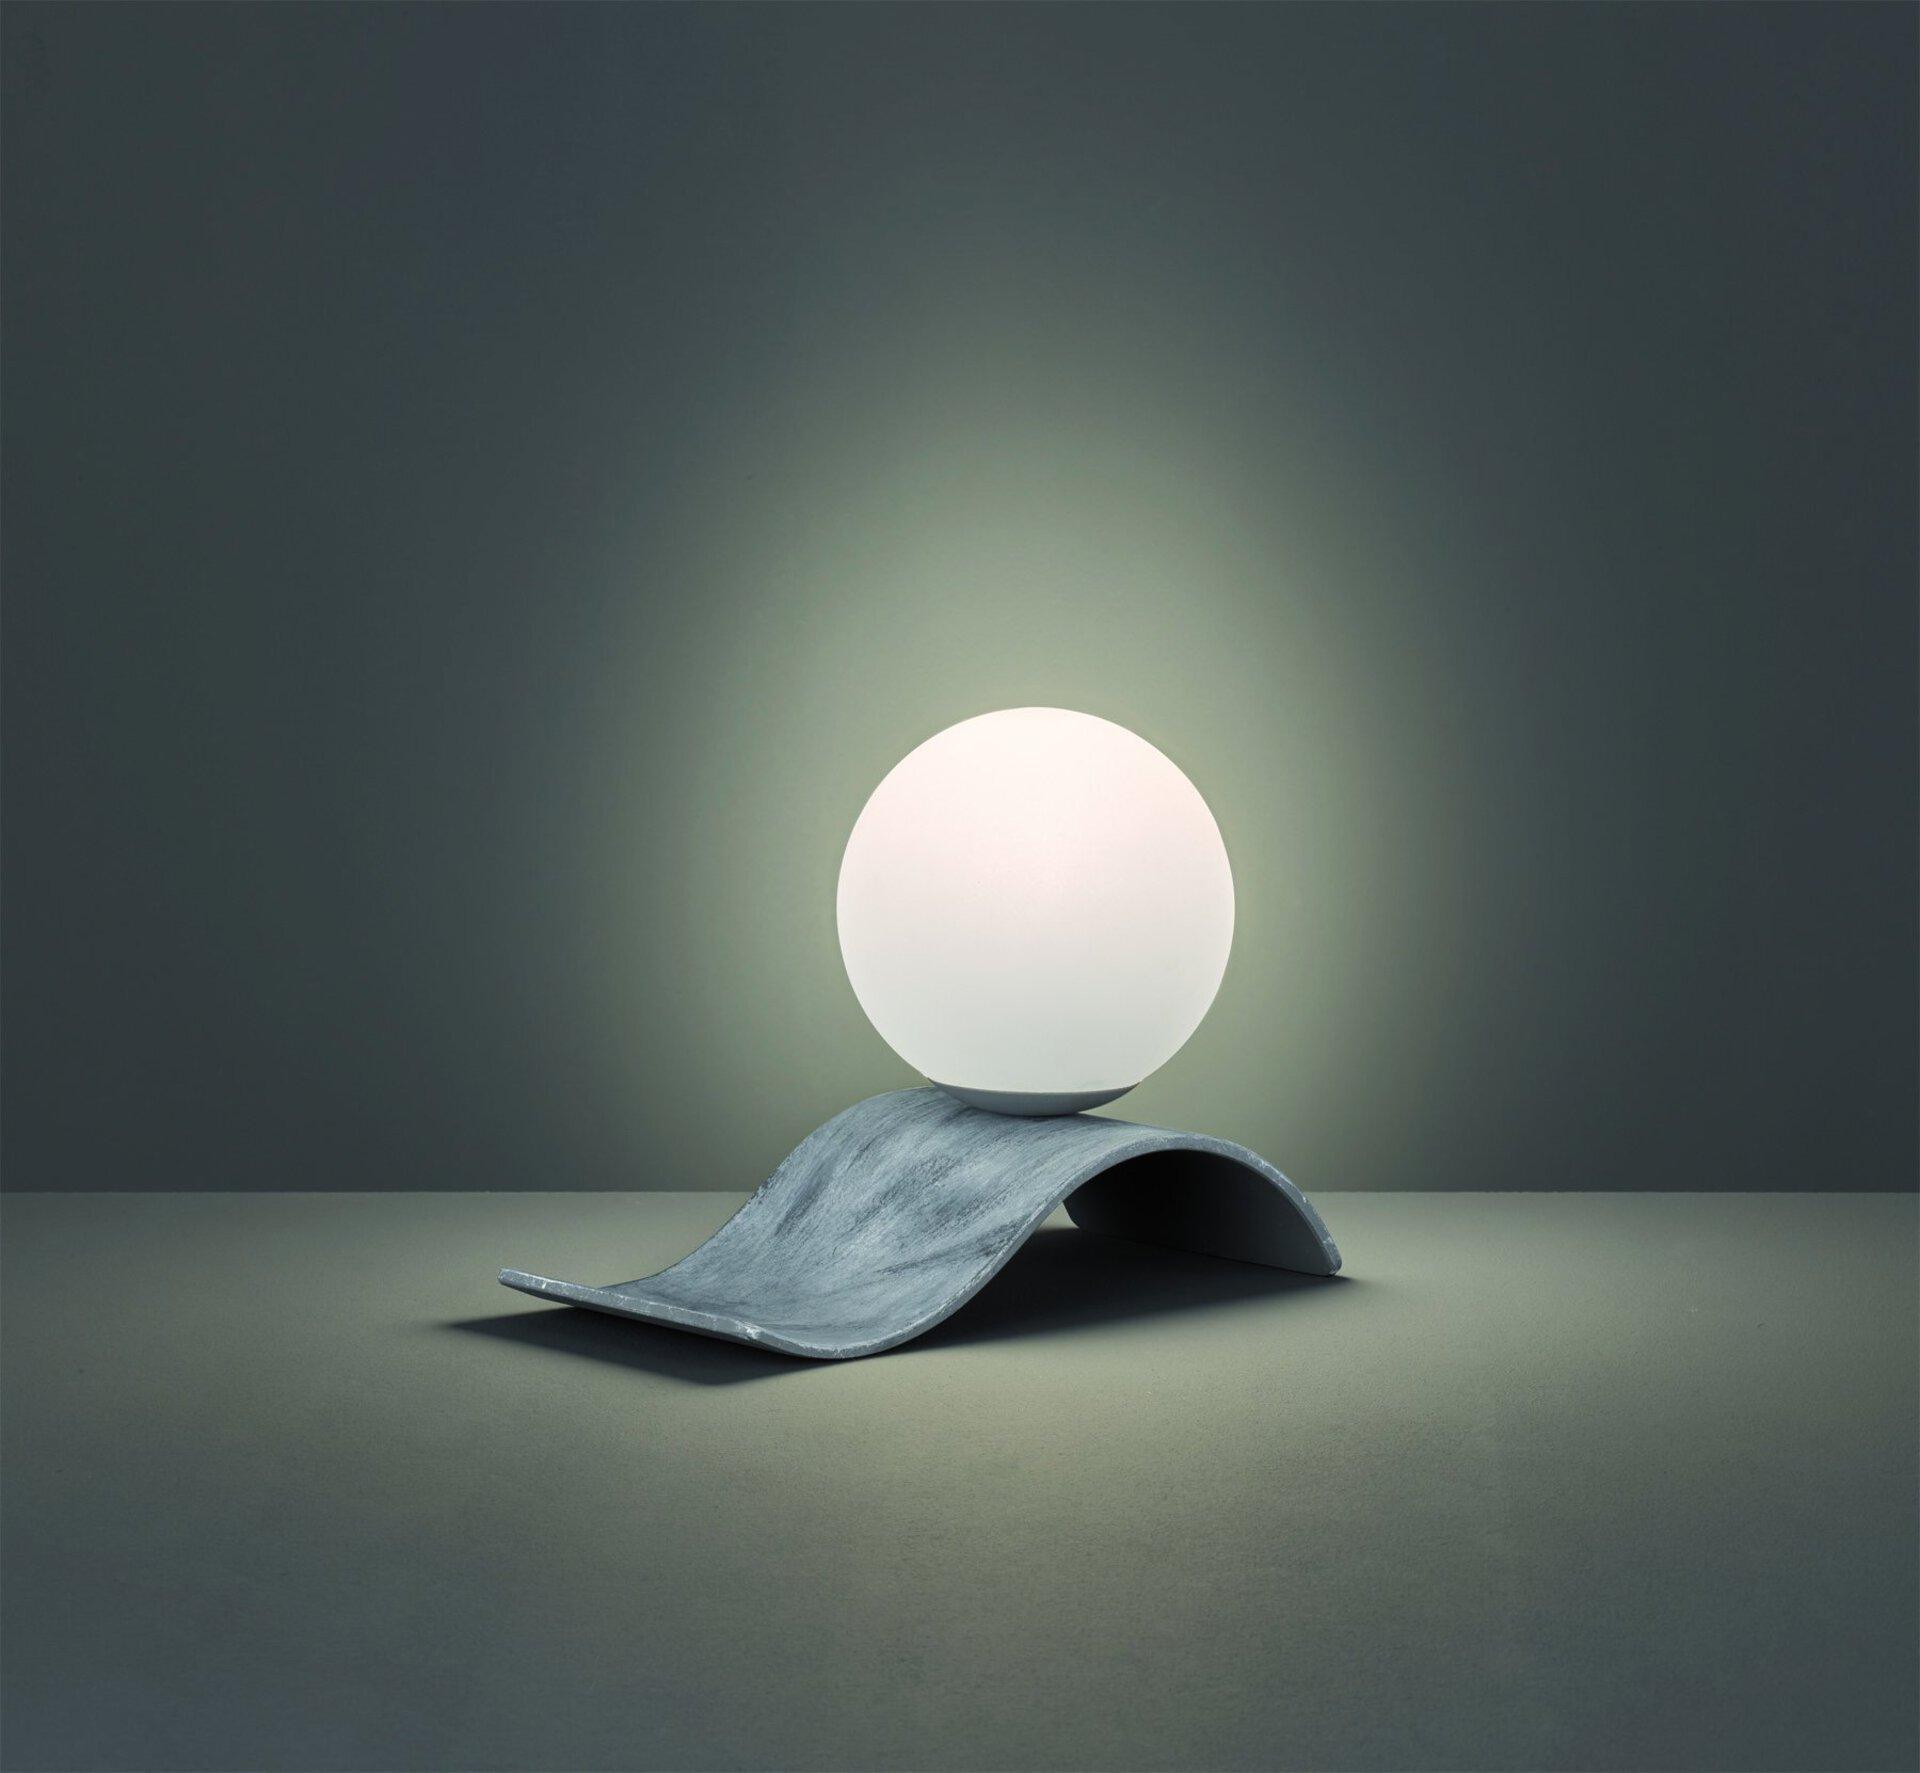 Tischleuchte Lara Trio Leuchten Metall grau 15 x 21 x 15 cm